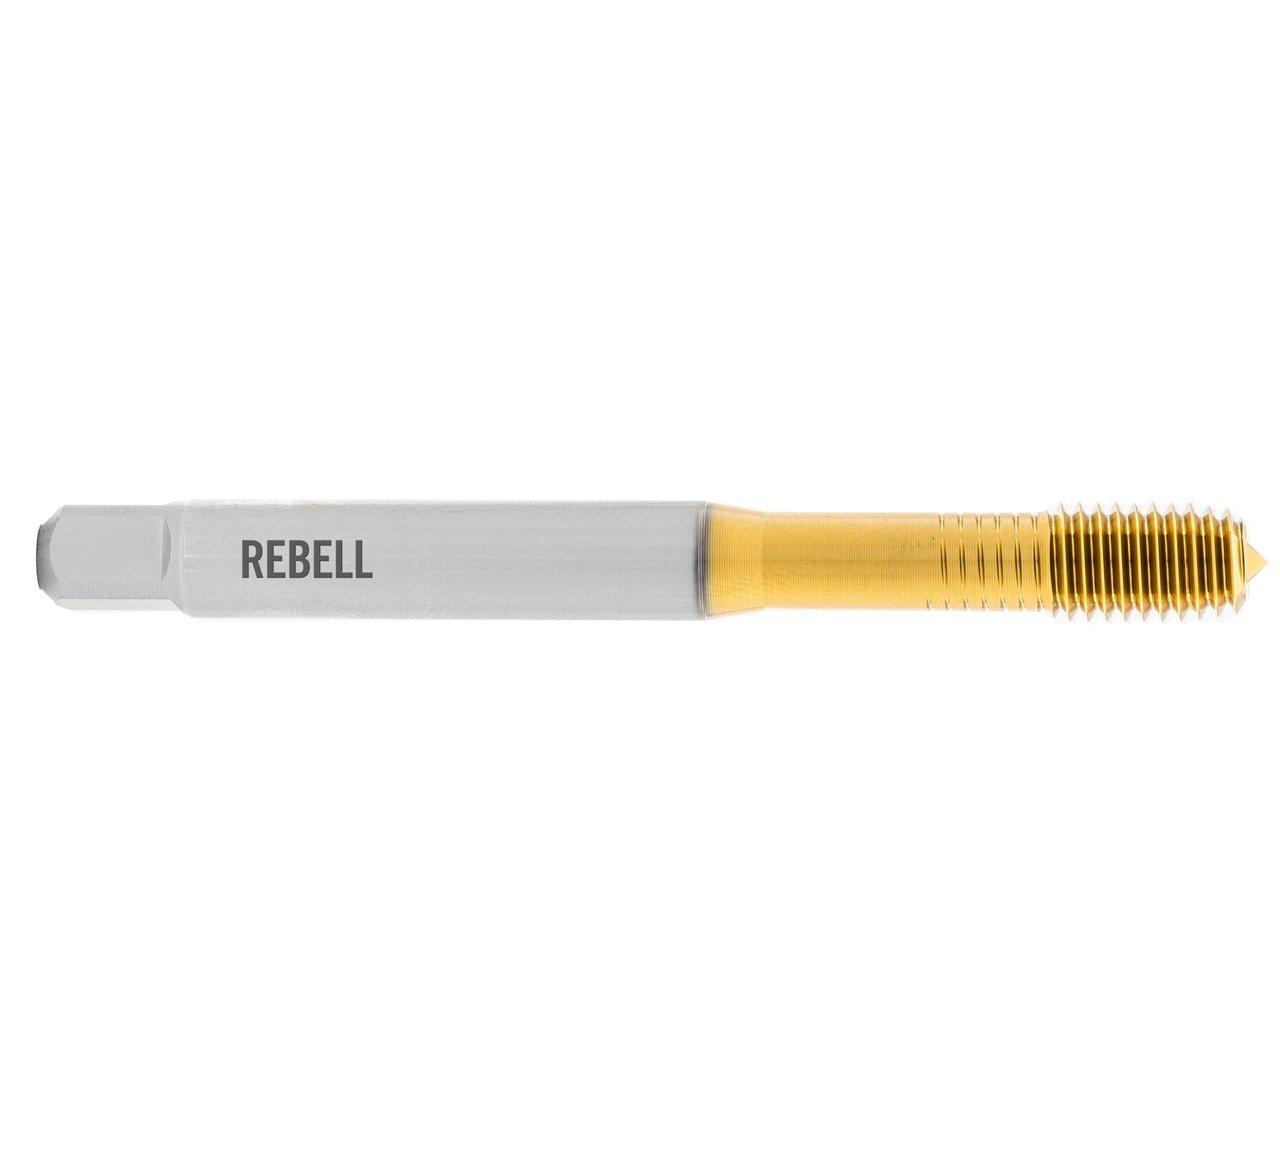 REBELL Gewindeformer UNF RH 2BX HSSE TIN - Form C ohne Schmiernuten - DIN 2174 - Typ IGF